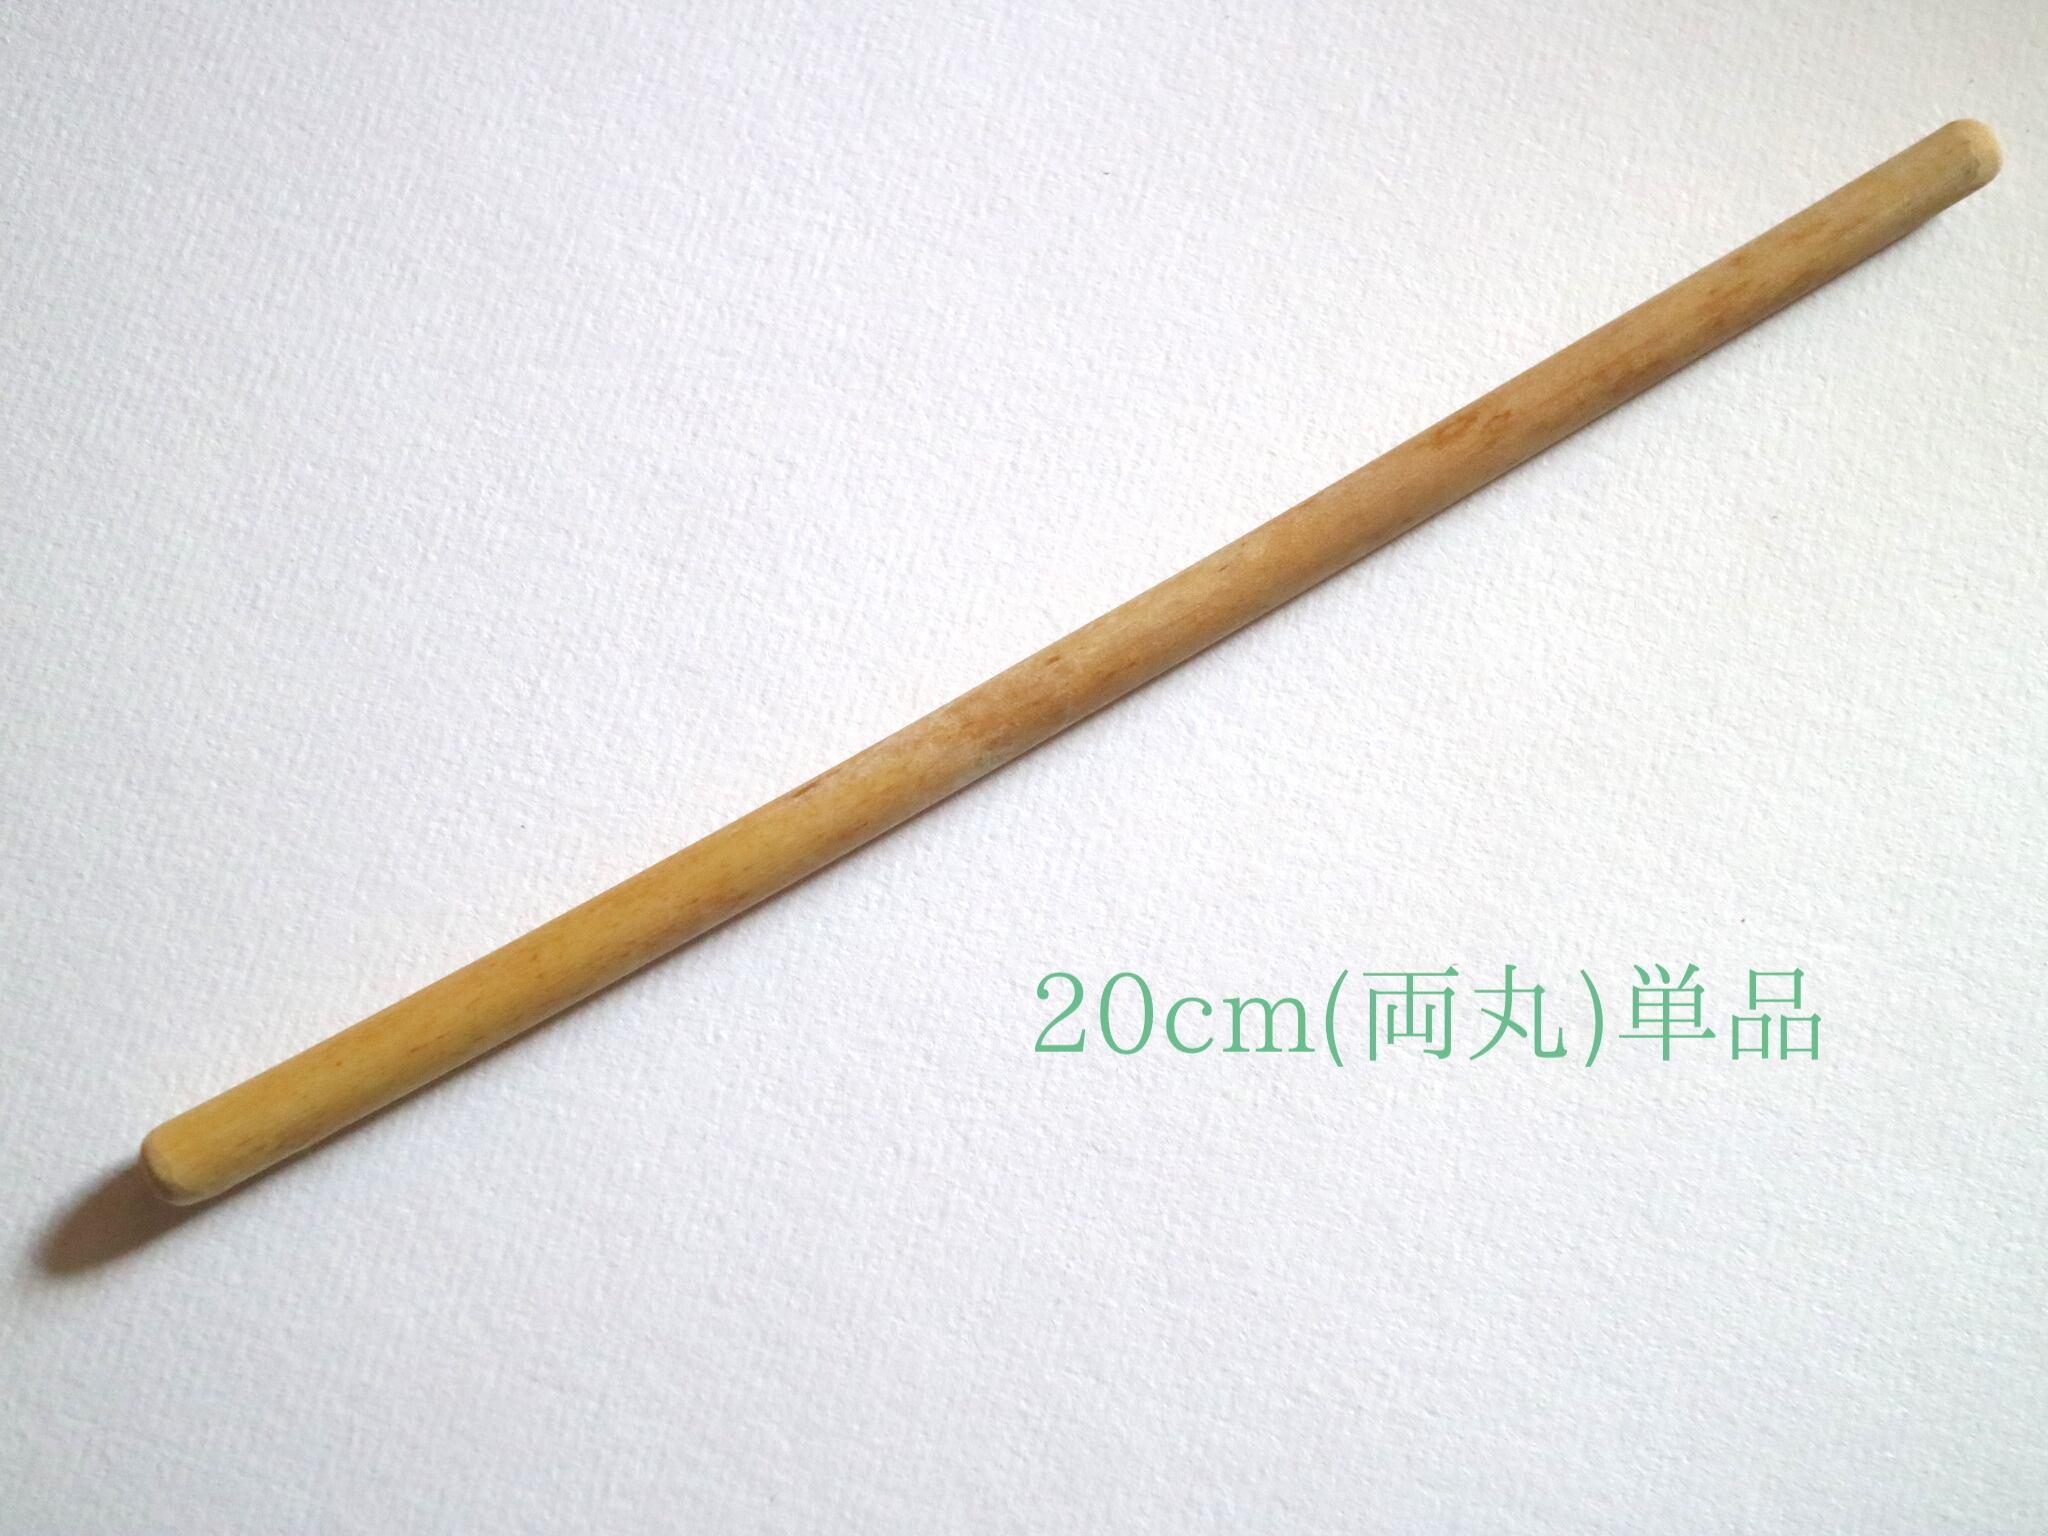 親子竹ストロー20cm_両丸(単品)